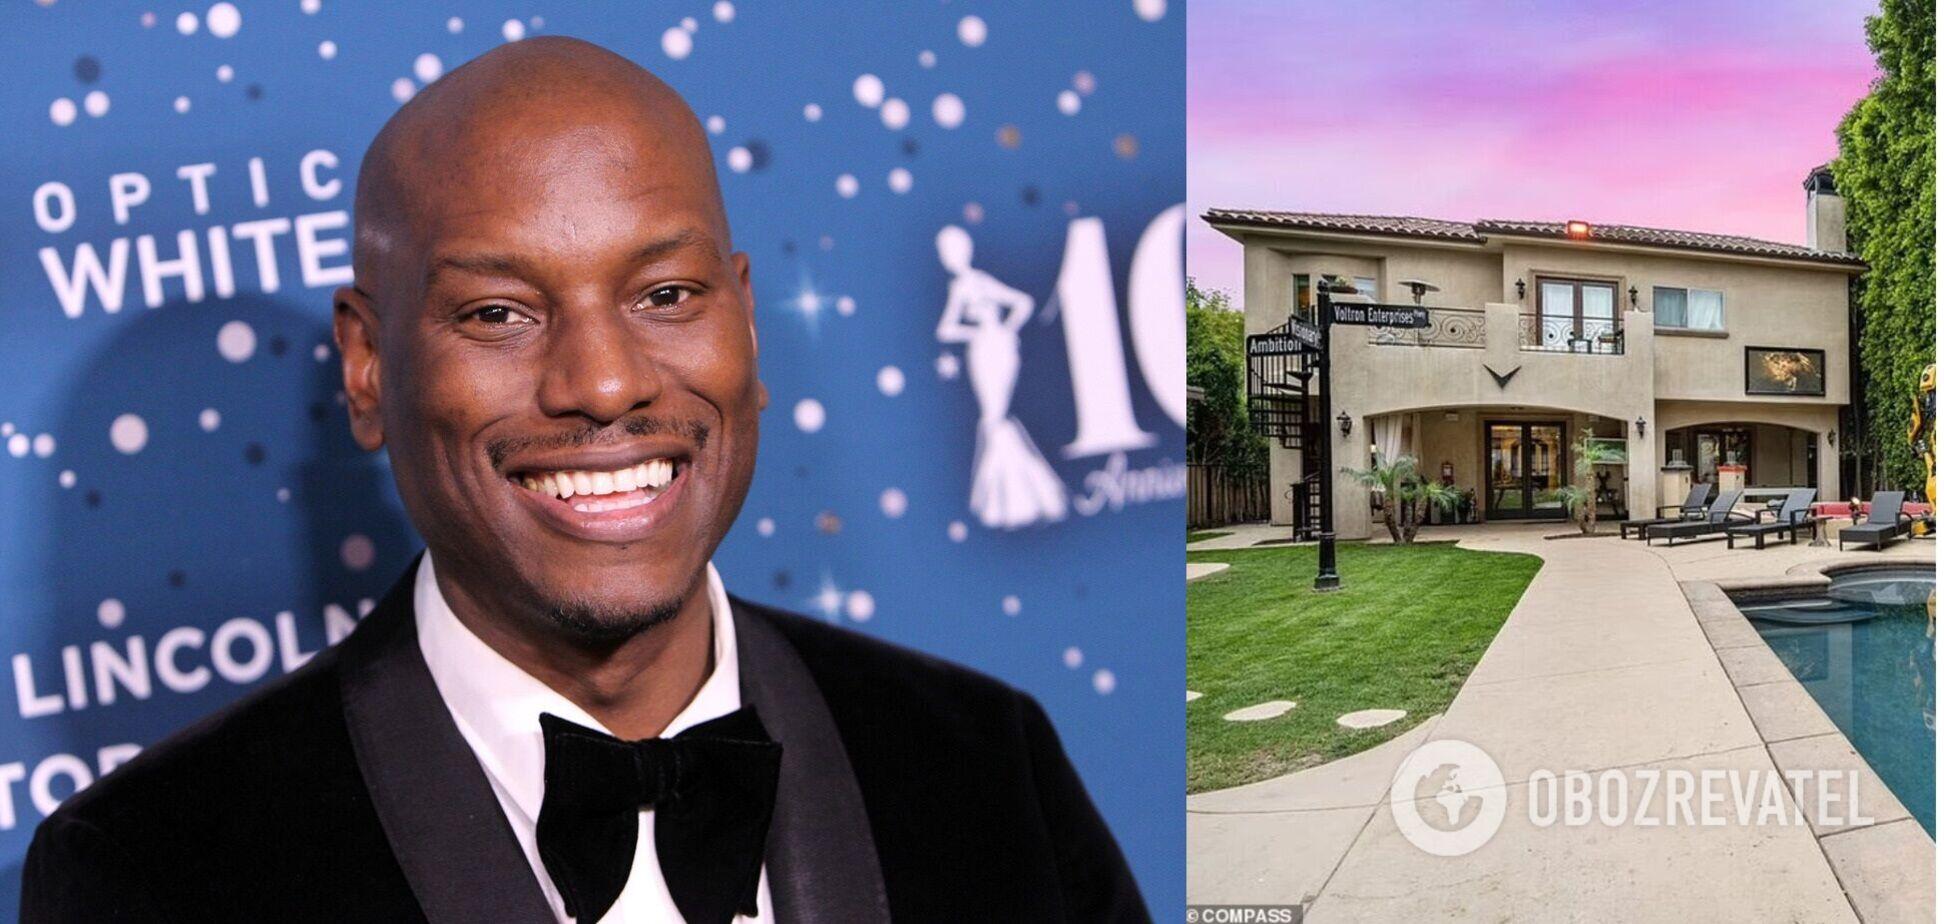 Звезда «Трансформеров» выставил на продажу свой дом в Лос-Анджелесе